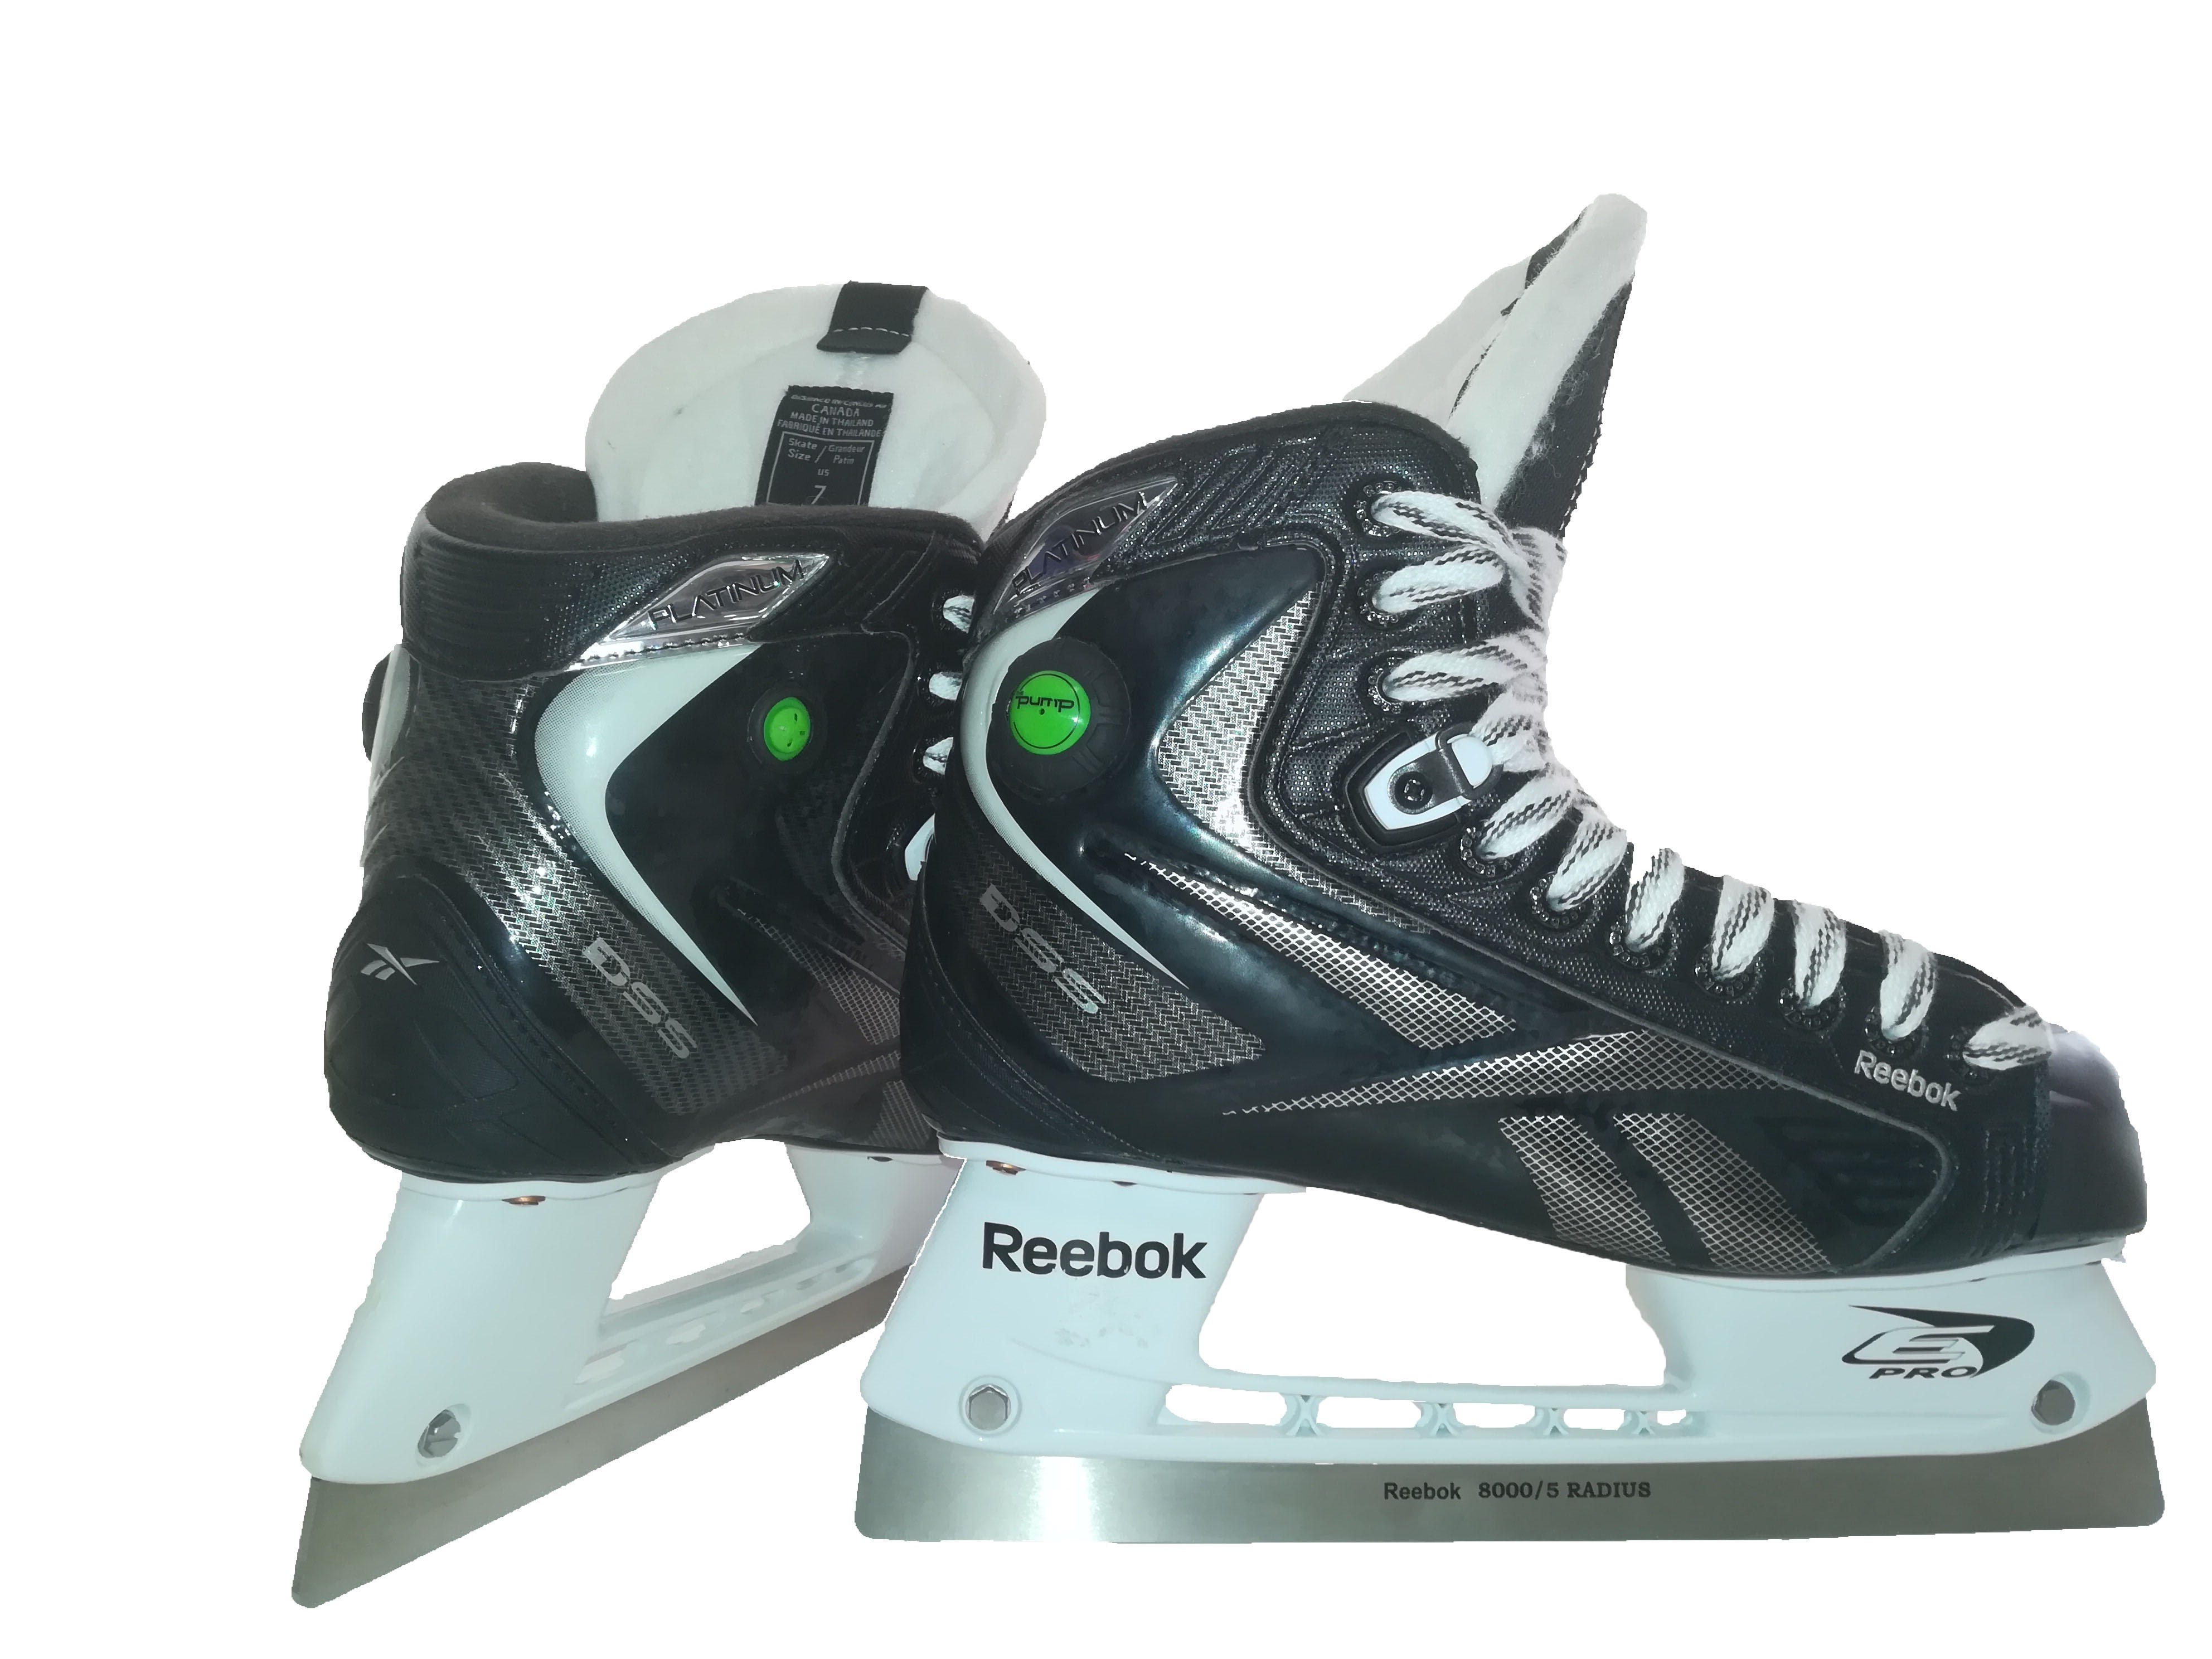 Reebok Platinium Senior Bandy Skates